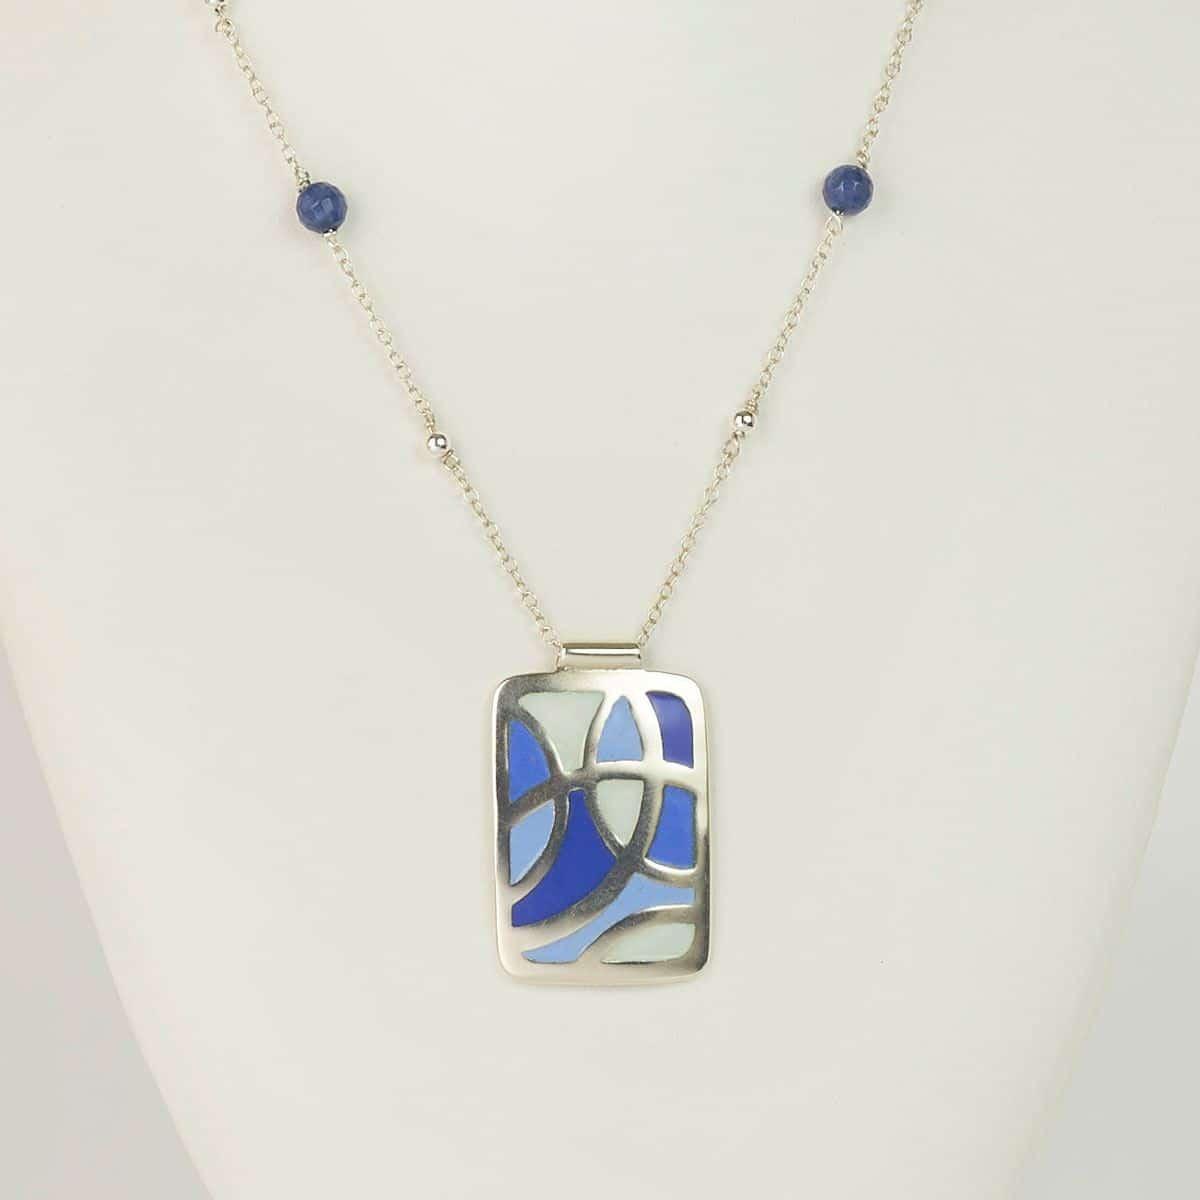 Colgante de plata modelo Celdas, joyas artesanales Siliva.